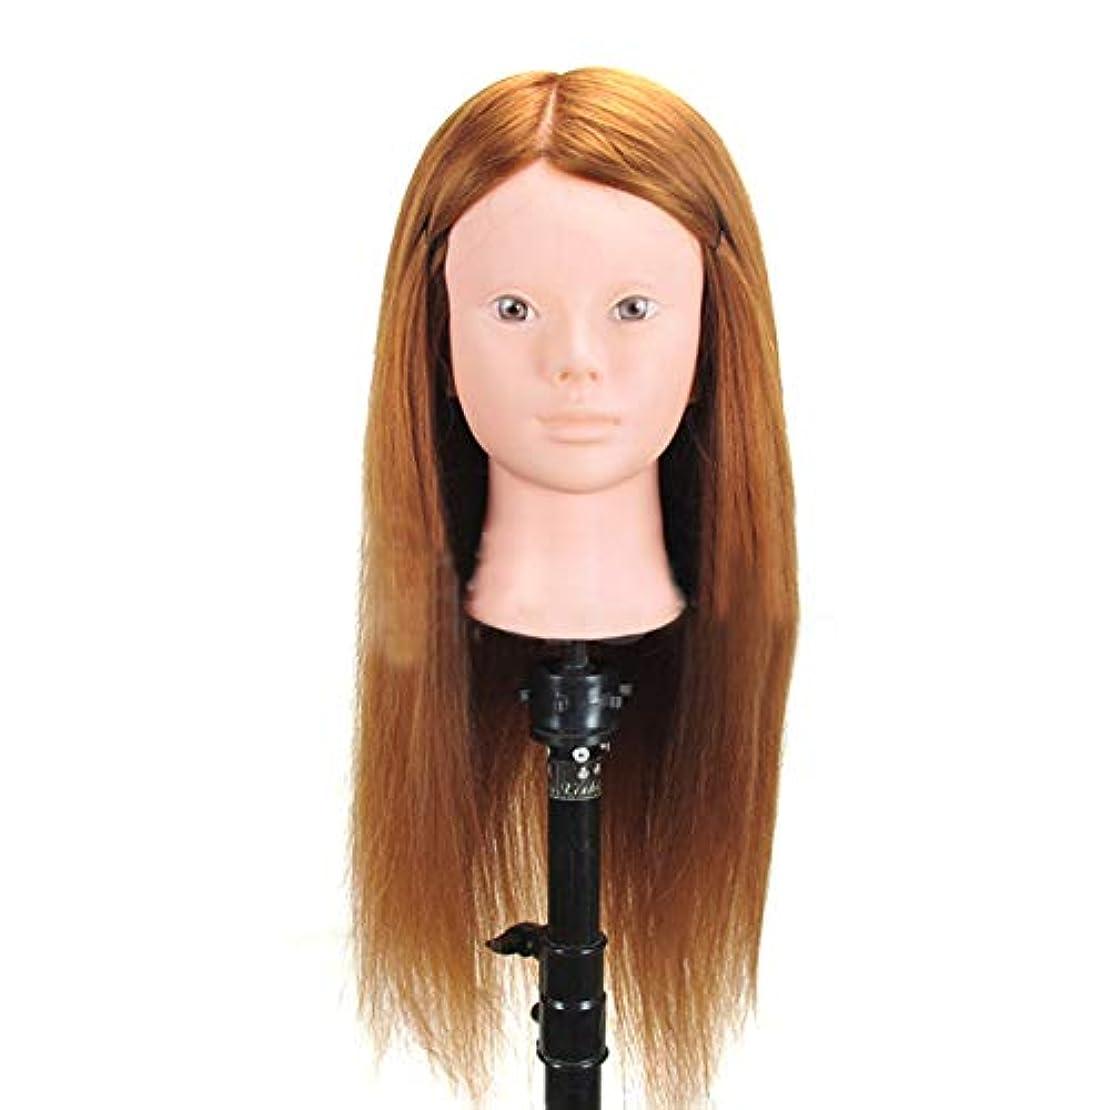 飾り羽見てビュッフェ高温シルクヘアマネキンヘッド編組ヘアヘアピンヘッドモデルサロンパーマ髪染め学習ダミーヘッド